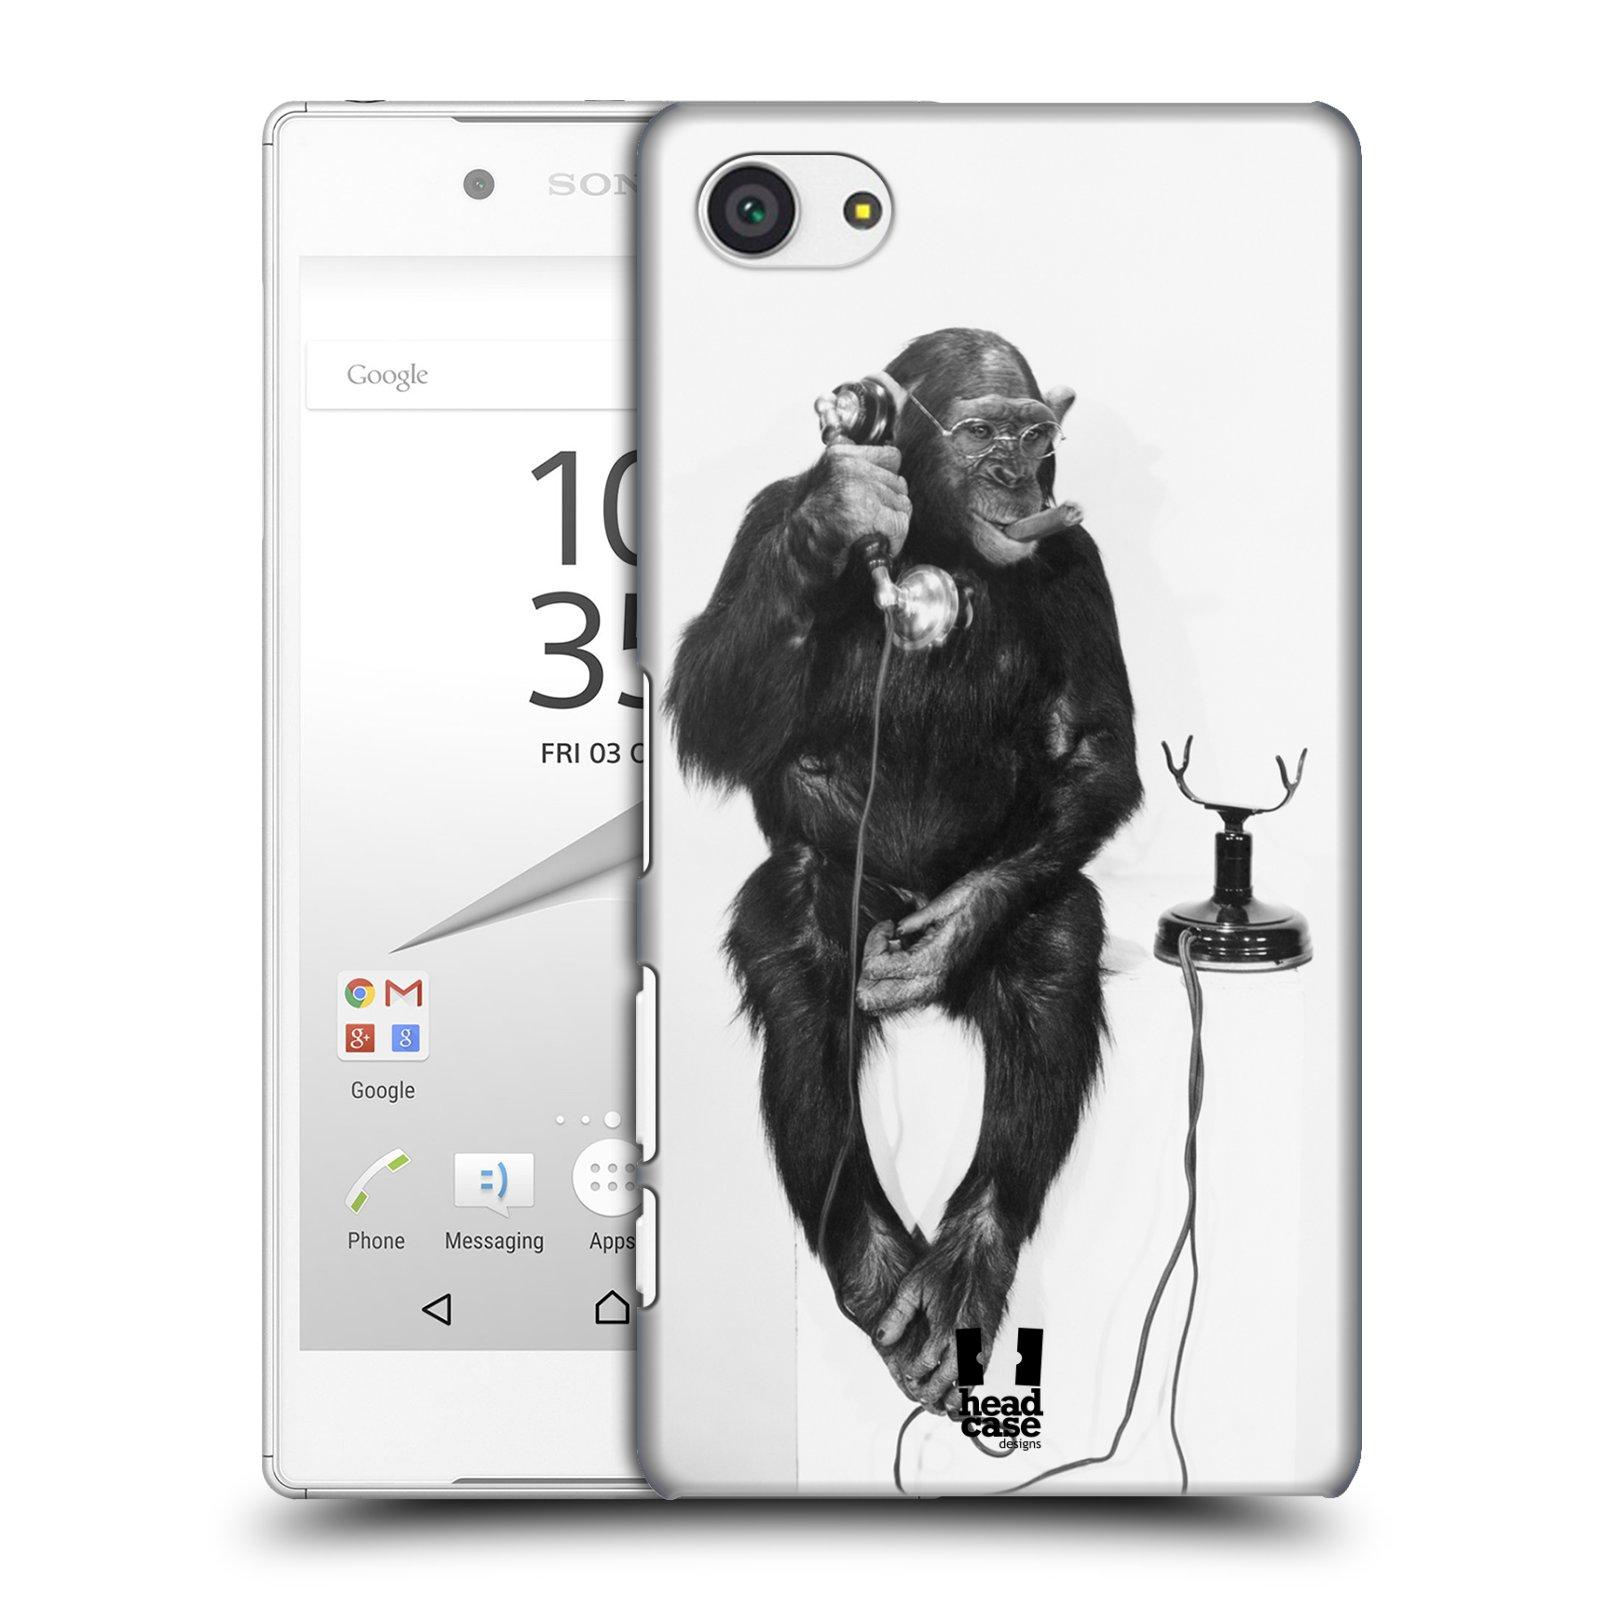 Plastové pouzdro na mobil Sony Xperia Z5 Compact HEAD CASE OPIČÁK S TELEFONEM (Kryt či obal na mobilní telefon Sony Xperia Z5 Compact E5823)